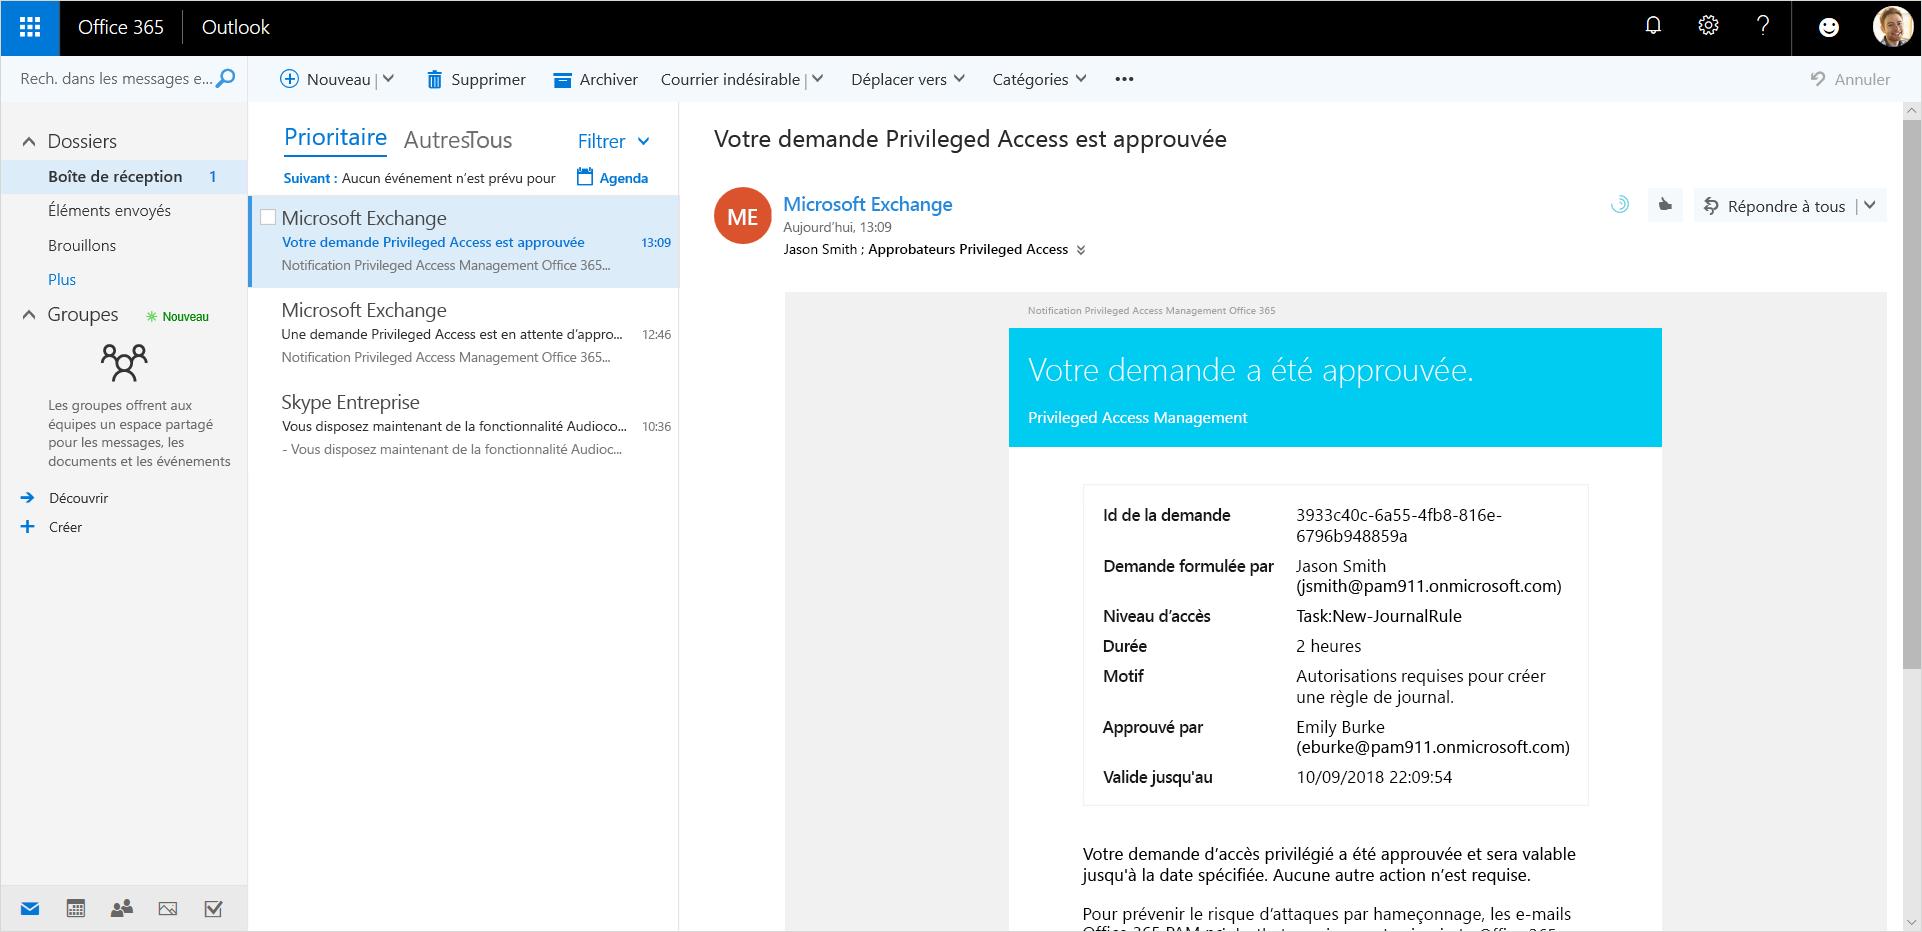 Image montrant une demande d'accès privilégié approuvée dans Outlook.